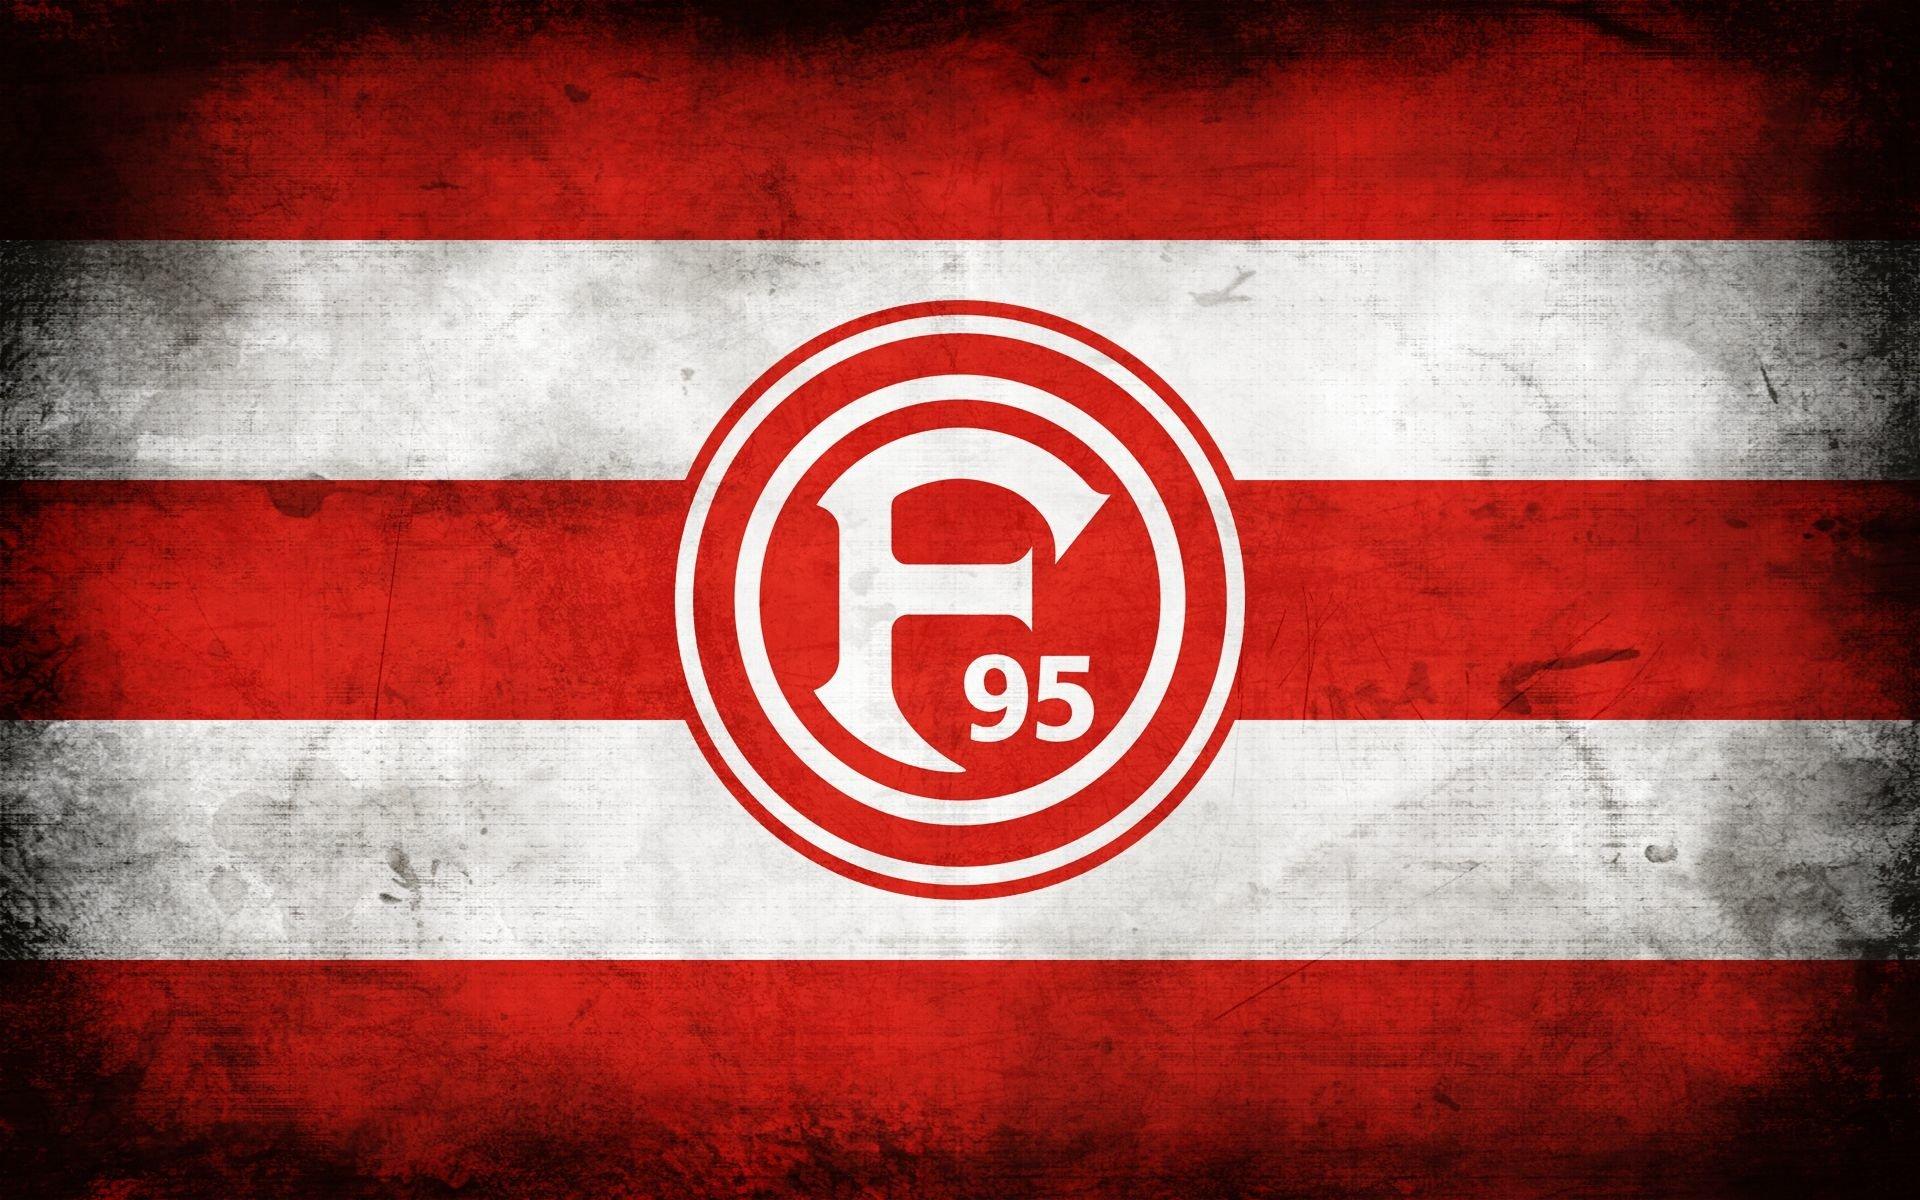 Bild Düsseldorf Fortuna